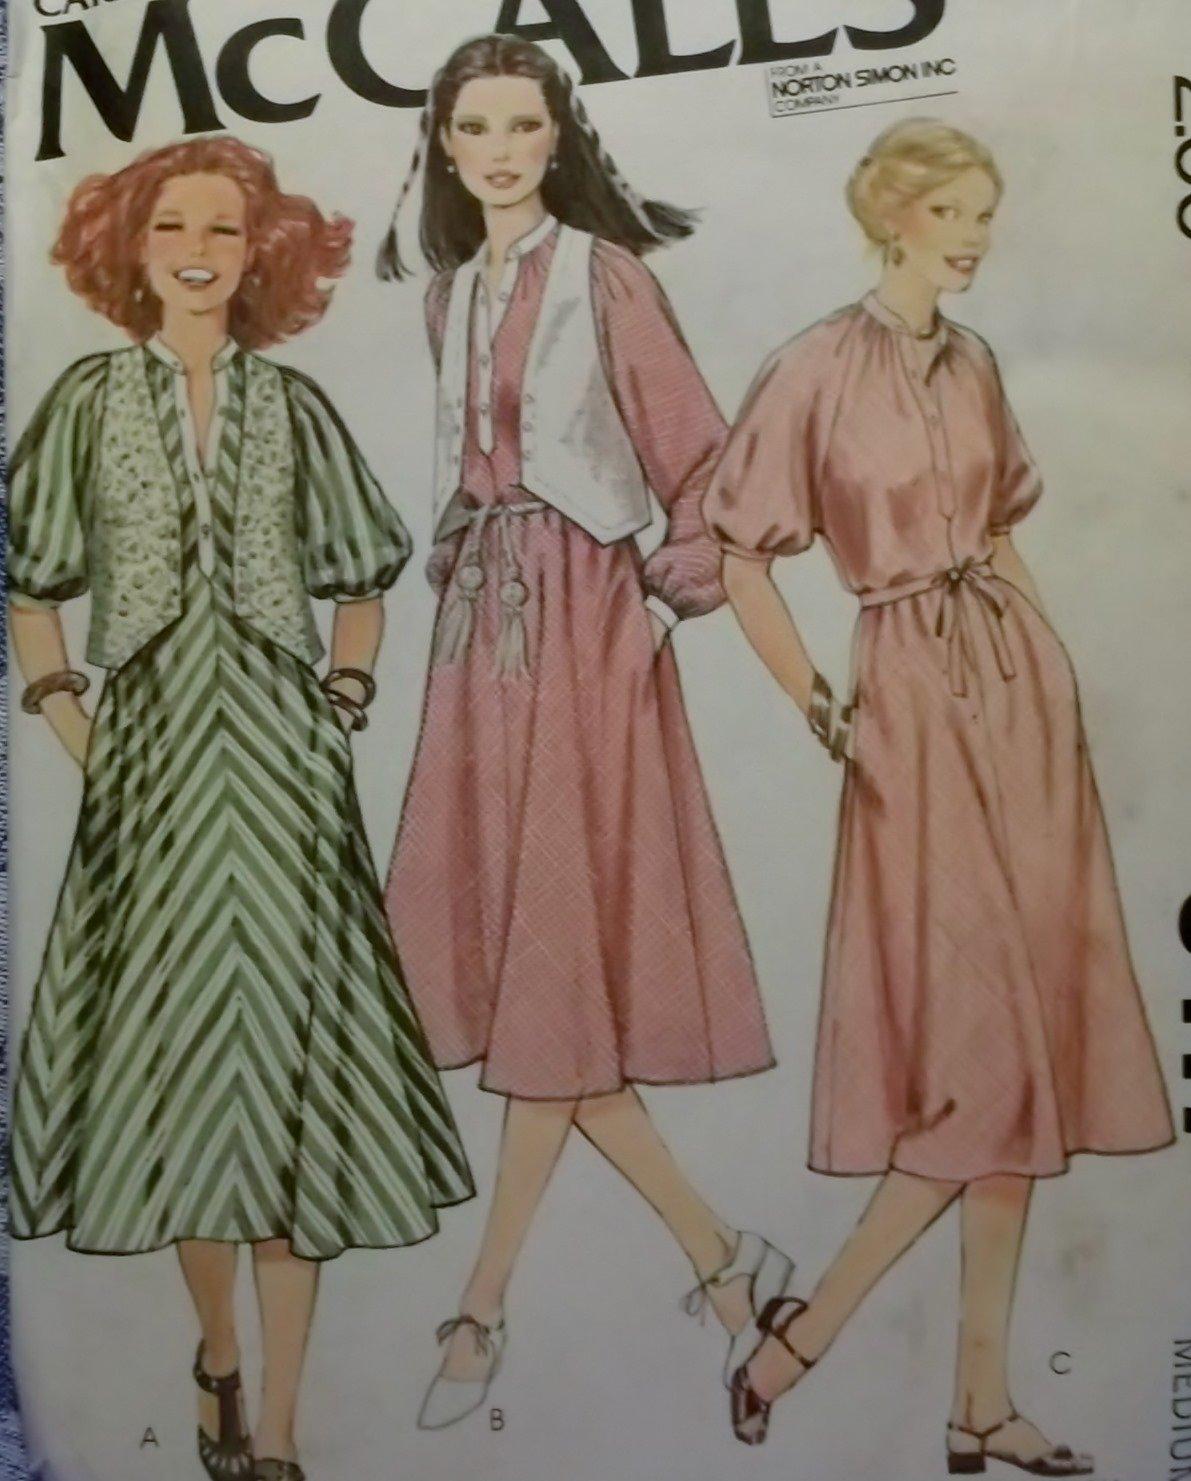 Mccalls 6417 Misses Pullover Dress & Vest Pattern, Size Med, UNCUT